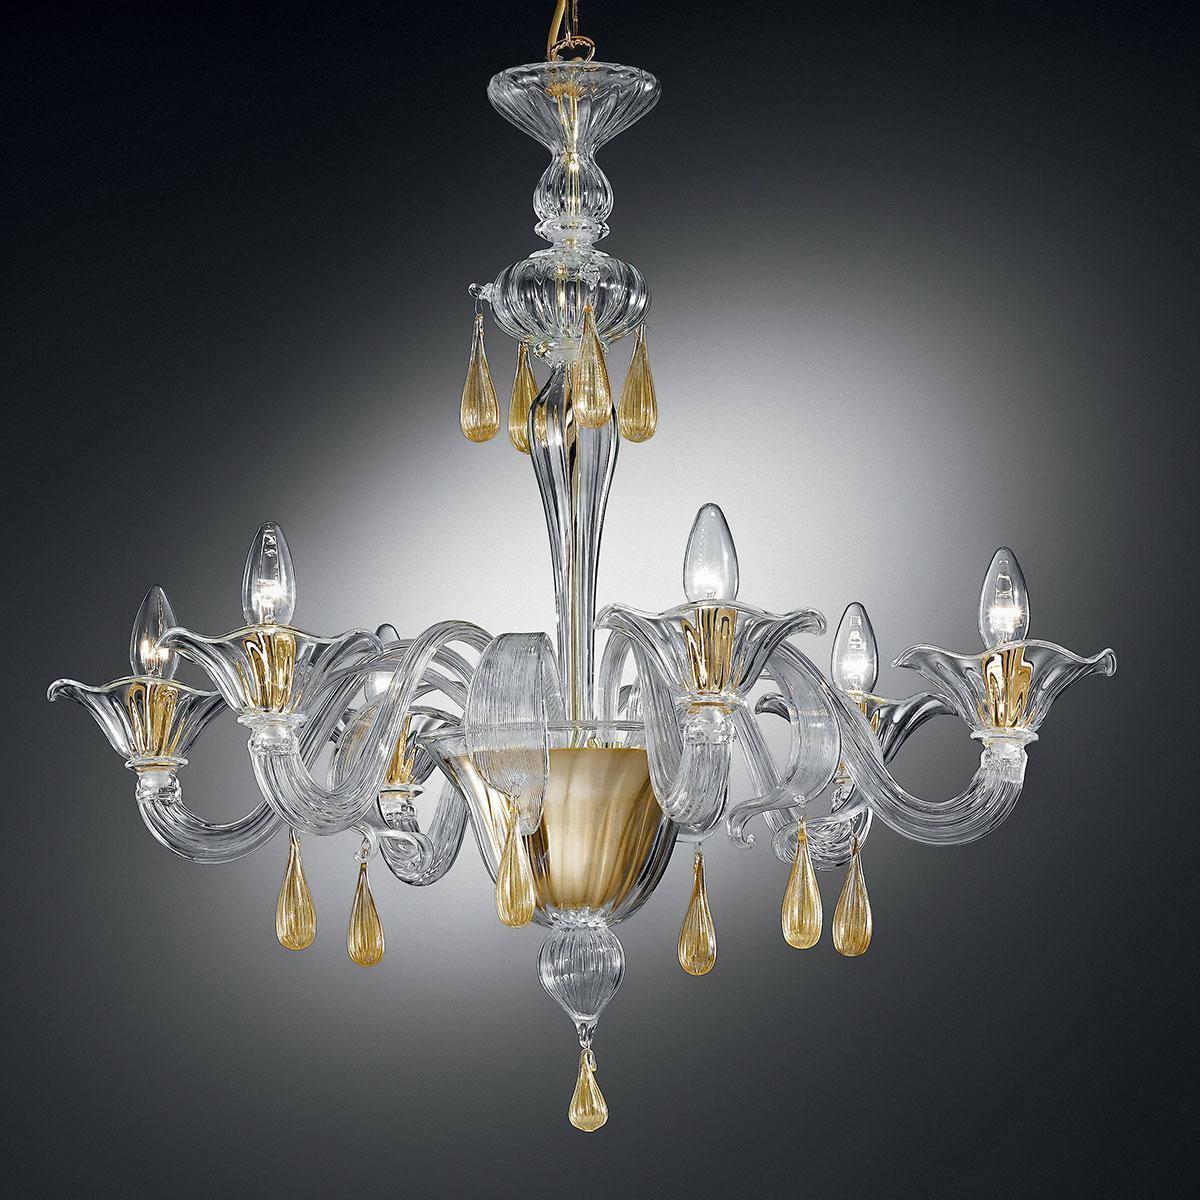 """""""Prassede"""" lampara de araña de Murano - 6 luces - transparente y oro"""